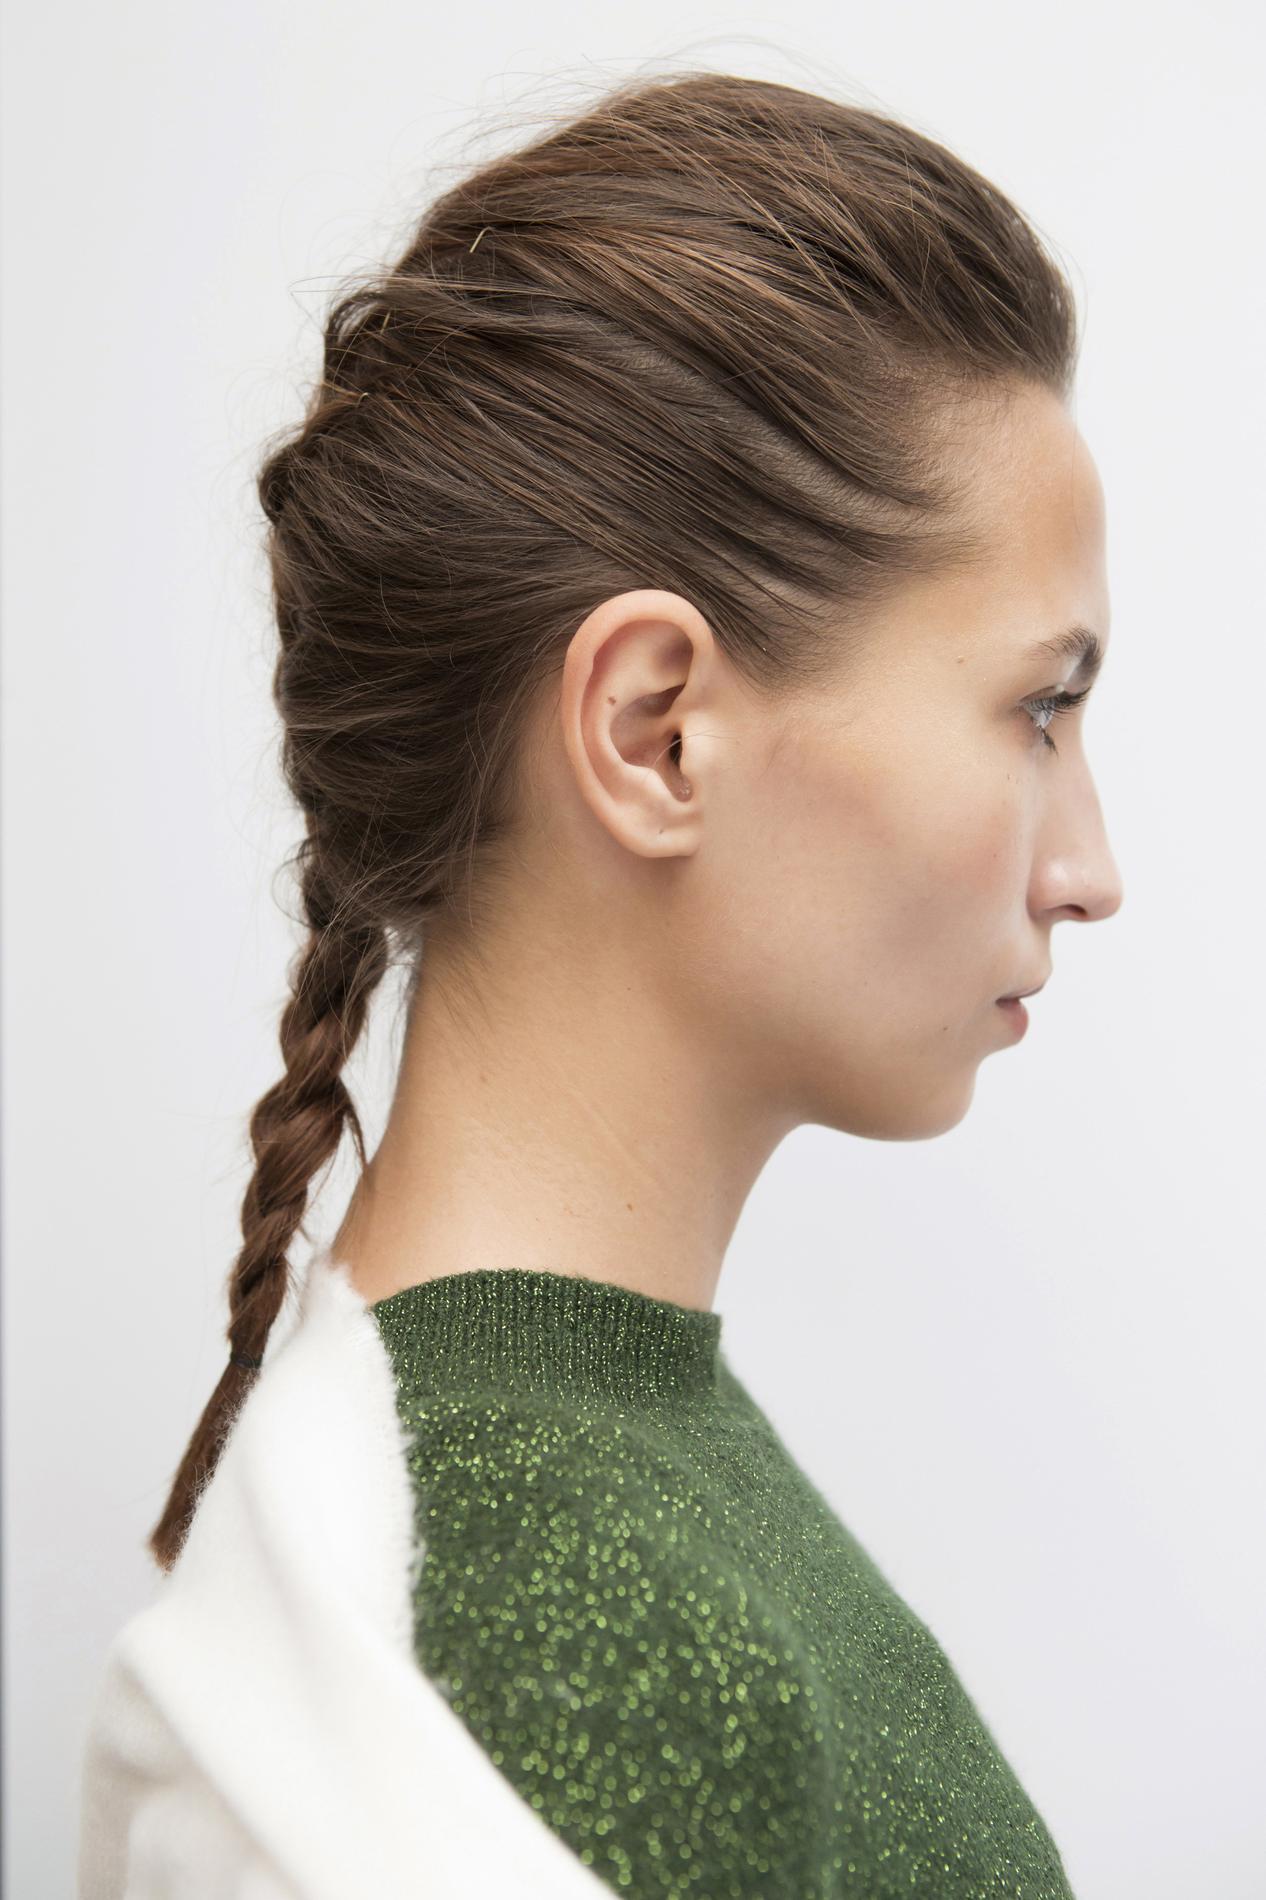 Les cornrows Quelle coiffure pratique adopter cet été ? , Le chignon tressé  BCBG Quelle coiffure pratique adopter cet été ? , La queue de cheval